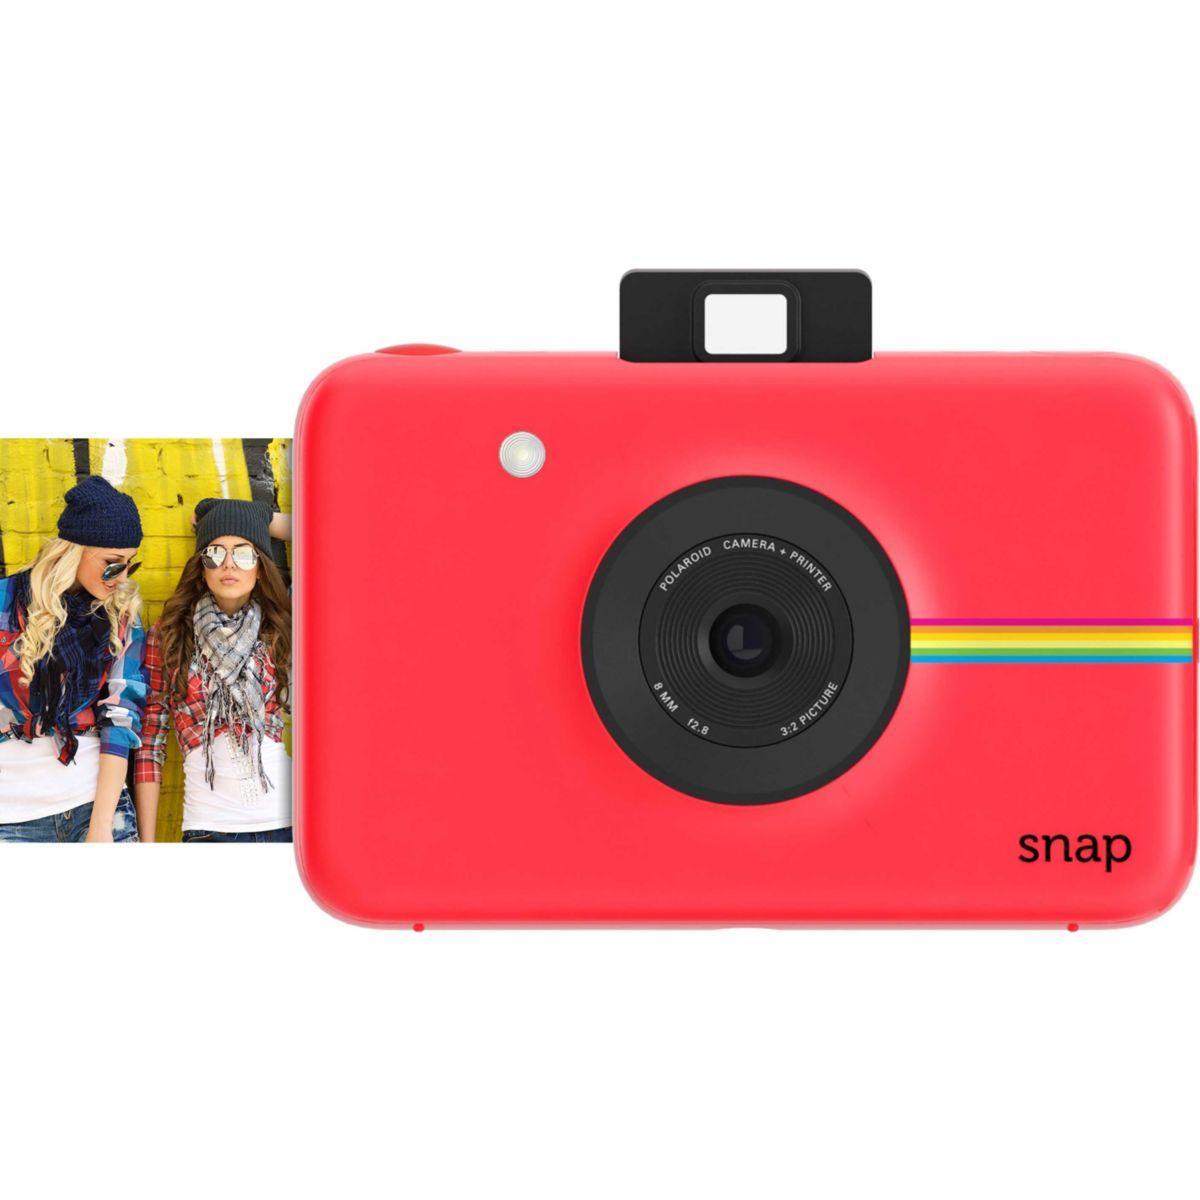 Appareil photo compact polaroid snap - red - 3% de remise immédiate avec le code : multi3 (photo)